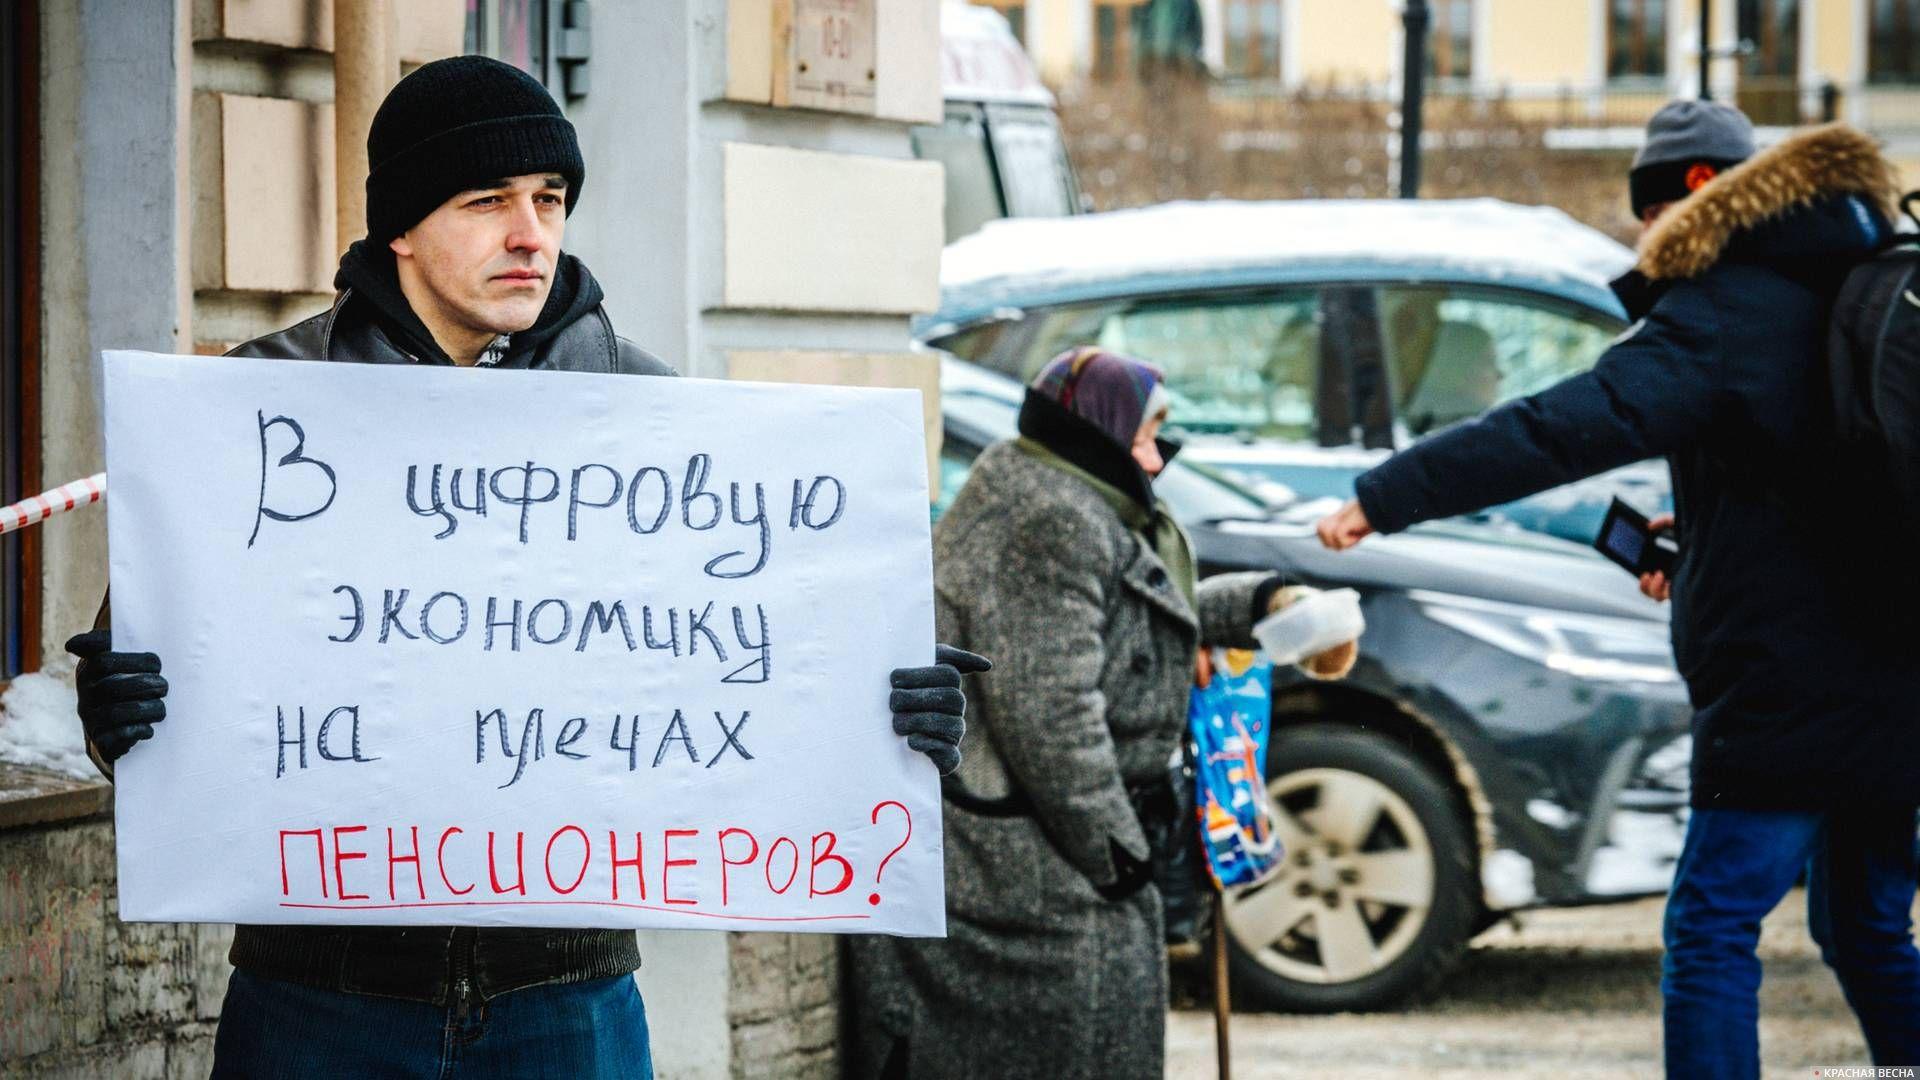 Социальная несправедливость в призывах и наяву. Невский проспект. Санкт-Петербург